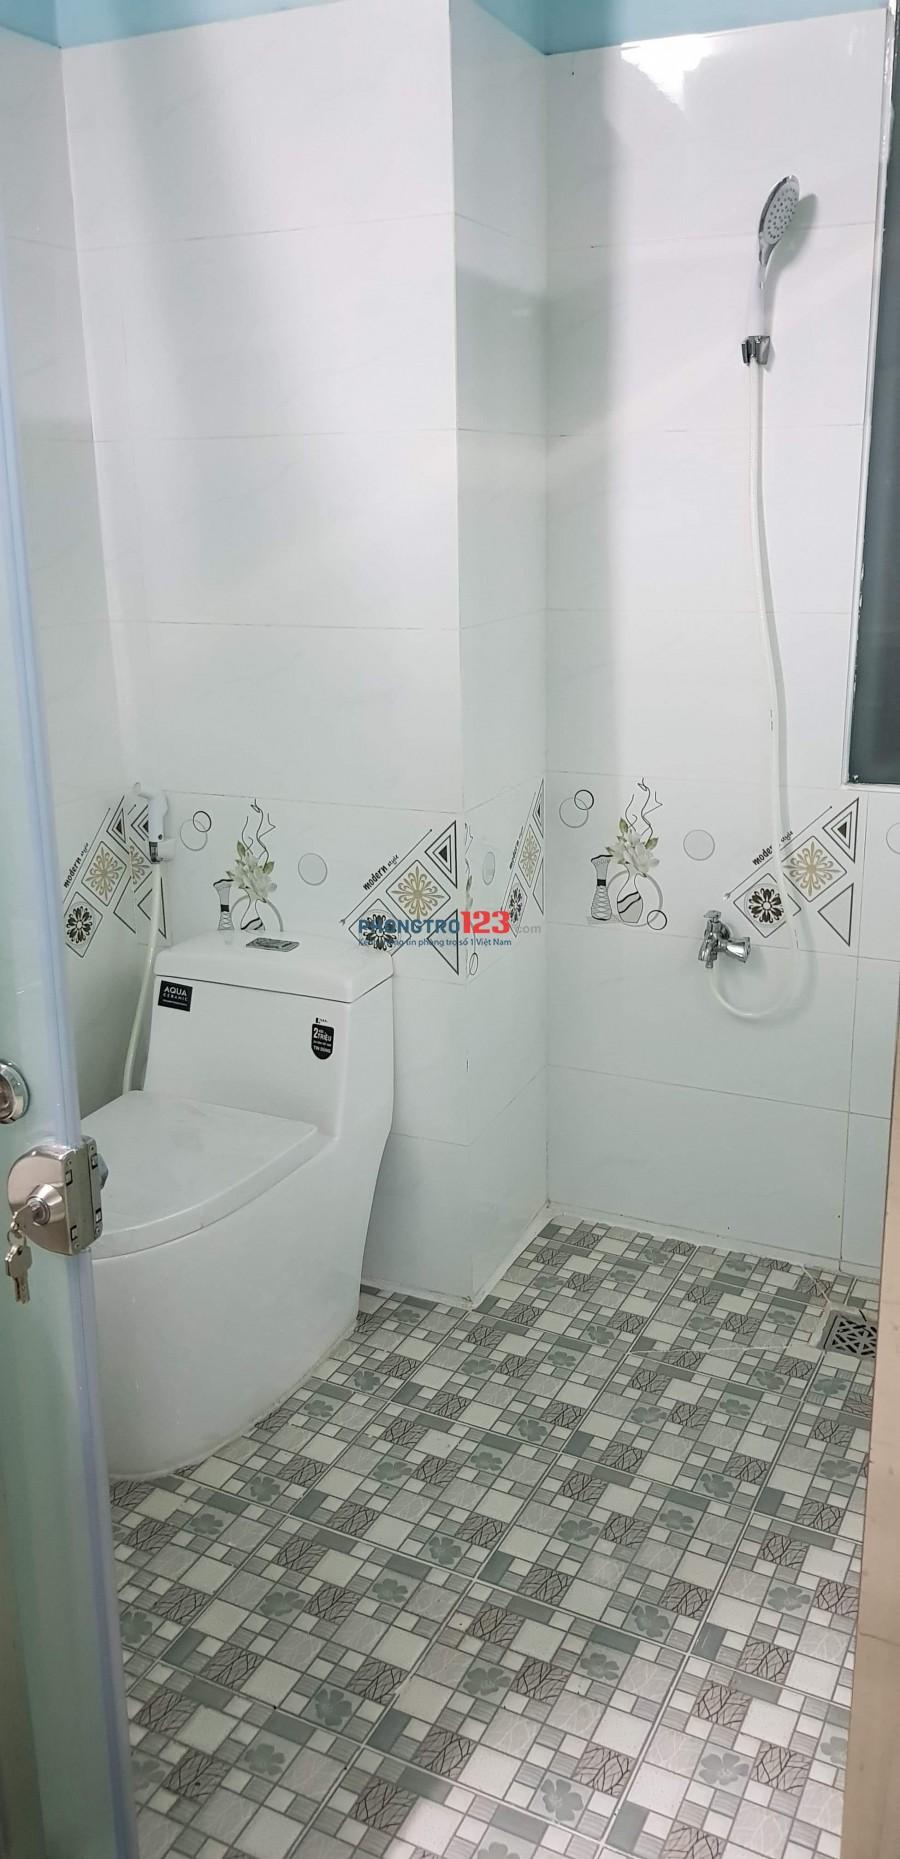 KTX Nữ Cao Cấp Tân Phú (HOT) phòng chỉ 2 người